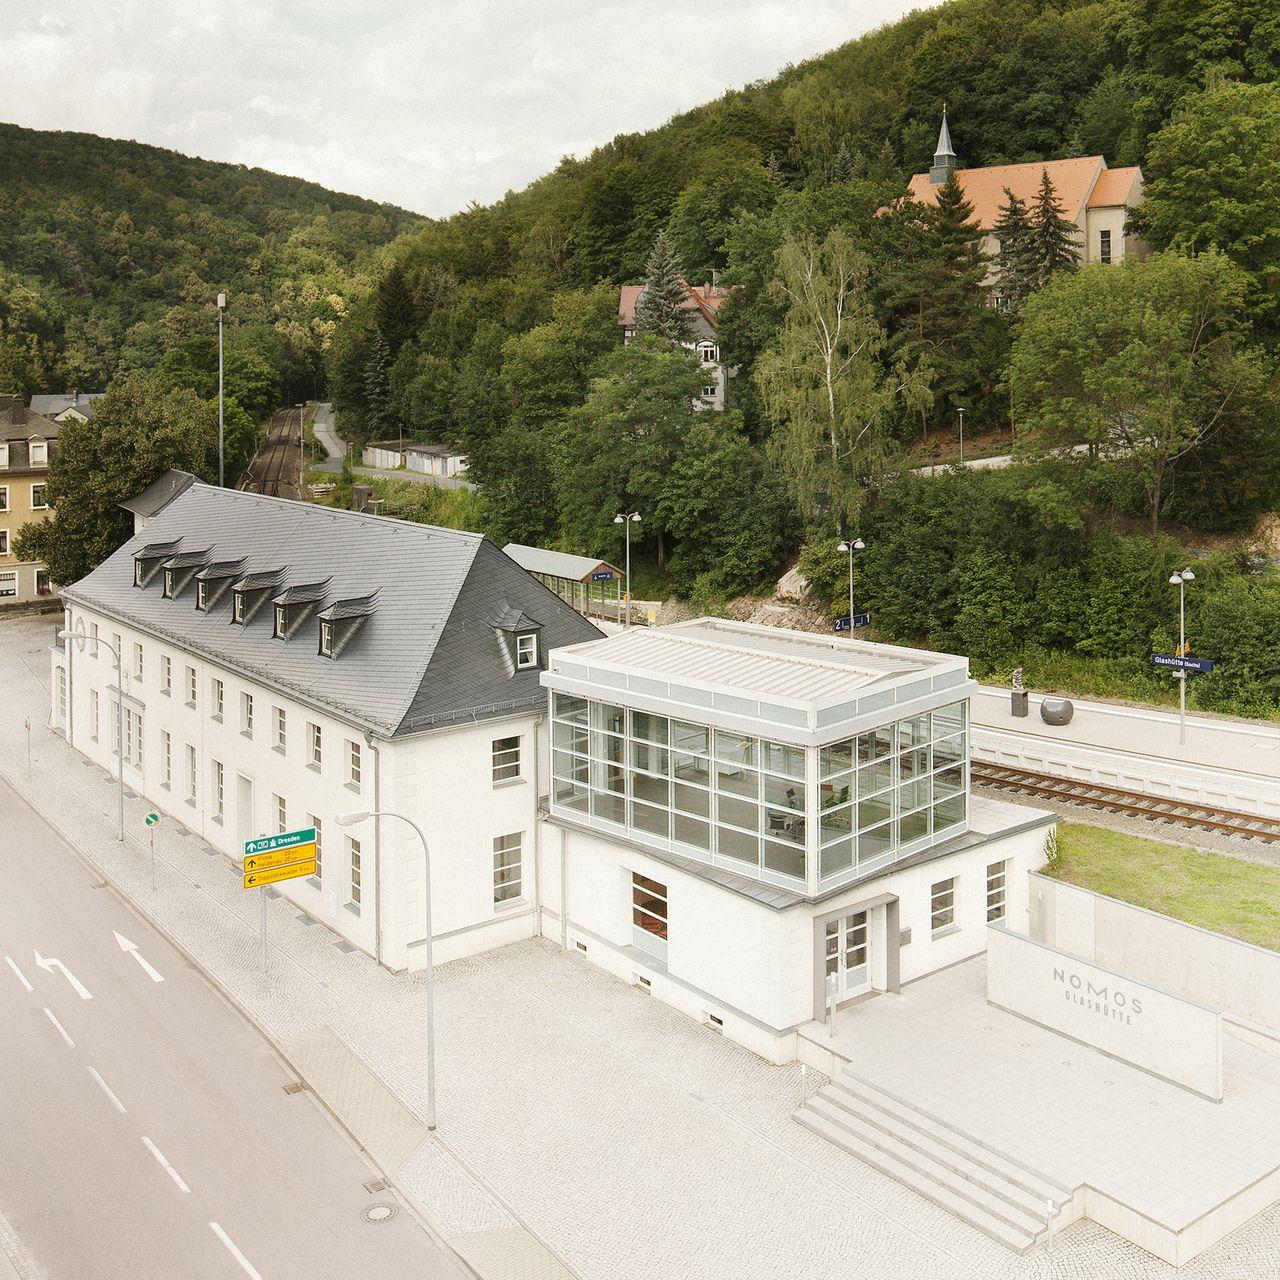 Glashütte, Bahnhof - a Nomos gyártóbázisa. Tervezés és kommunikáció már Berlinben folyik